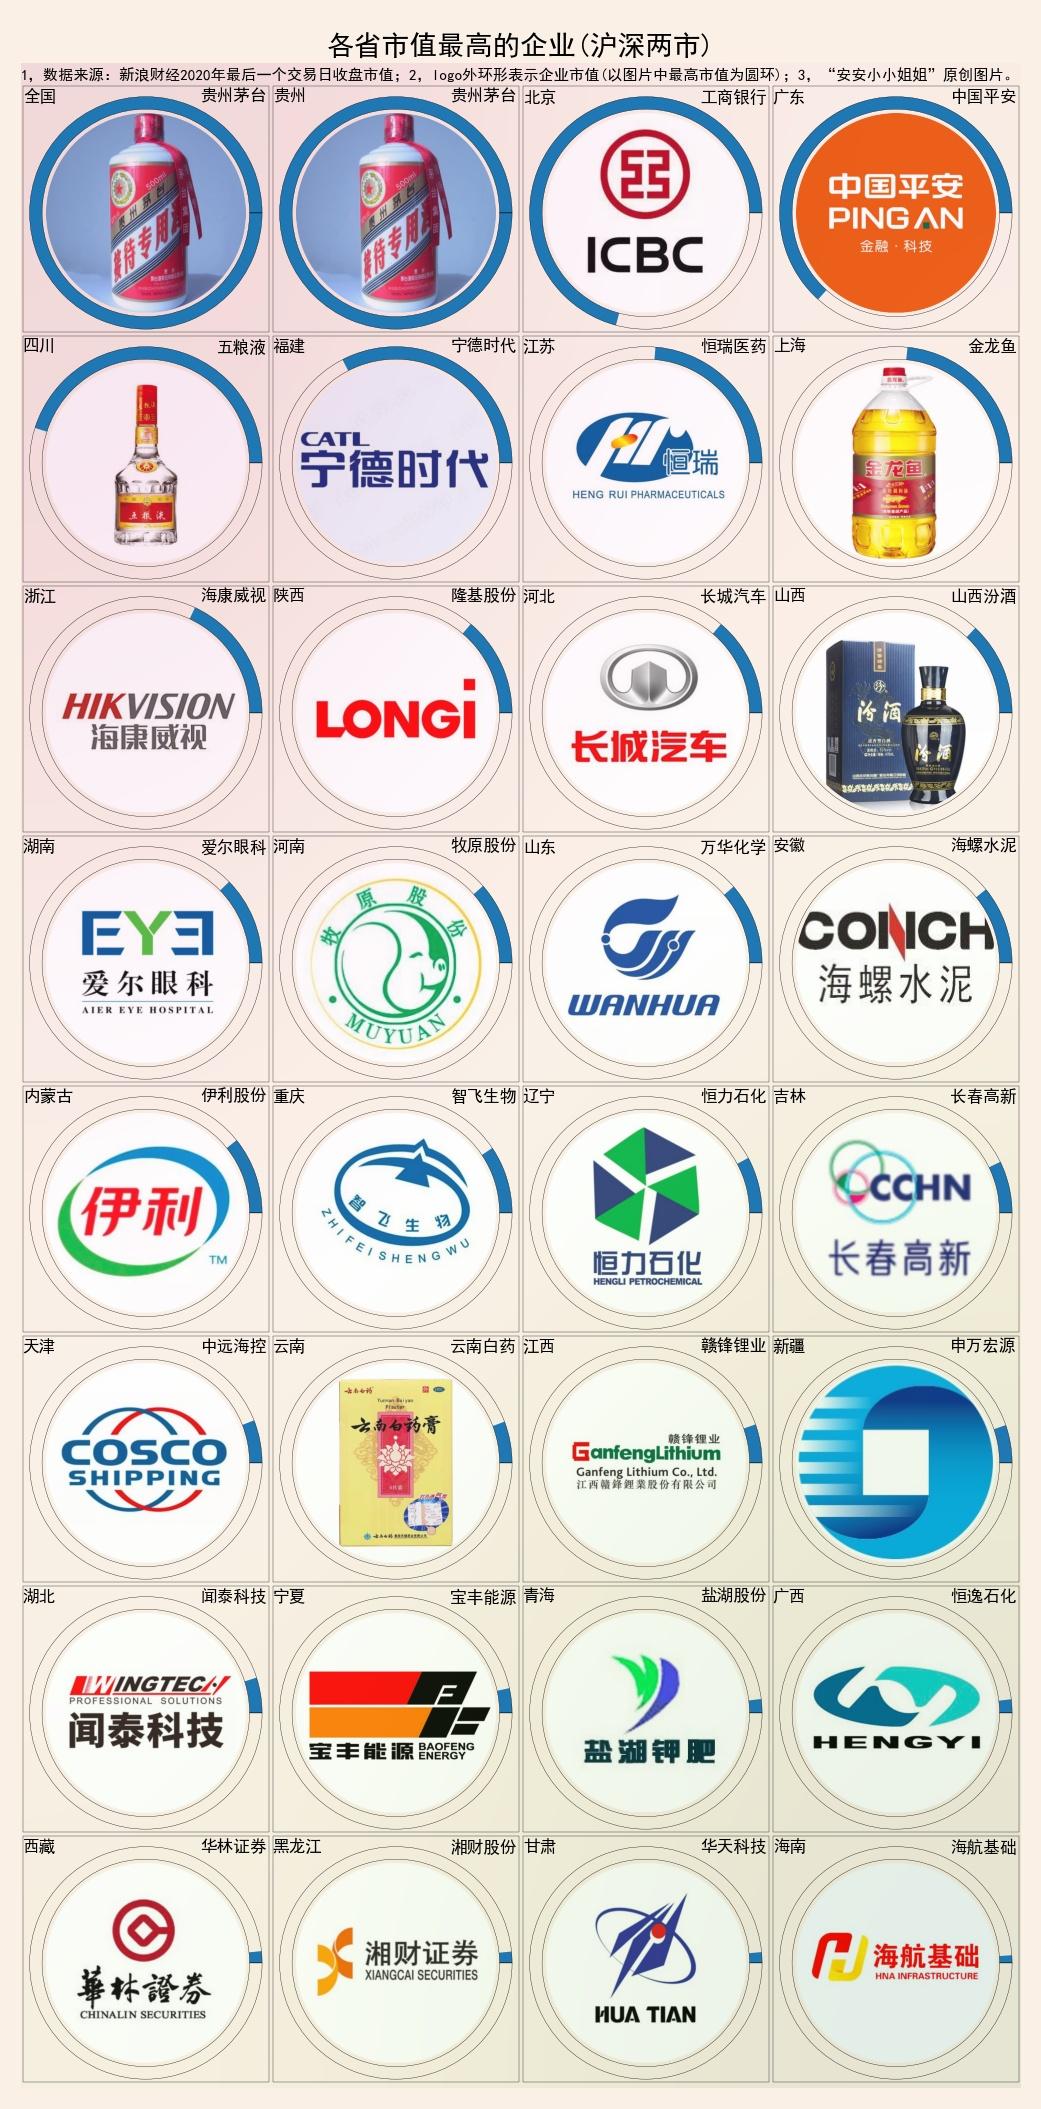 各省市价值最高的企业:贵州茅台、广东安信、四川五粮液、浙江?